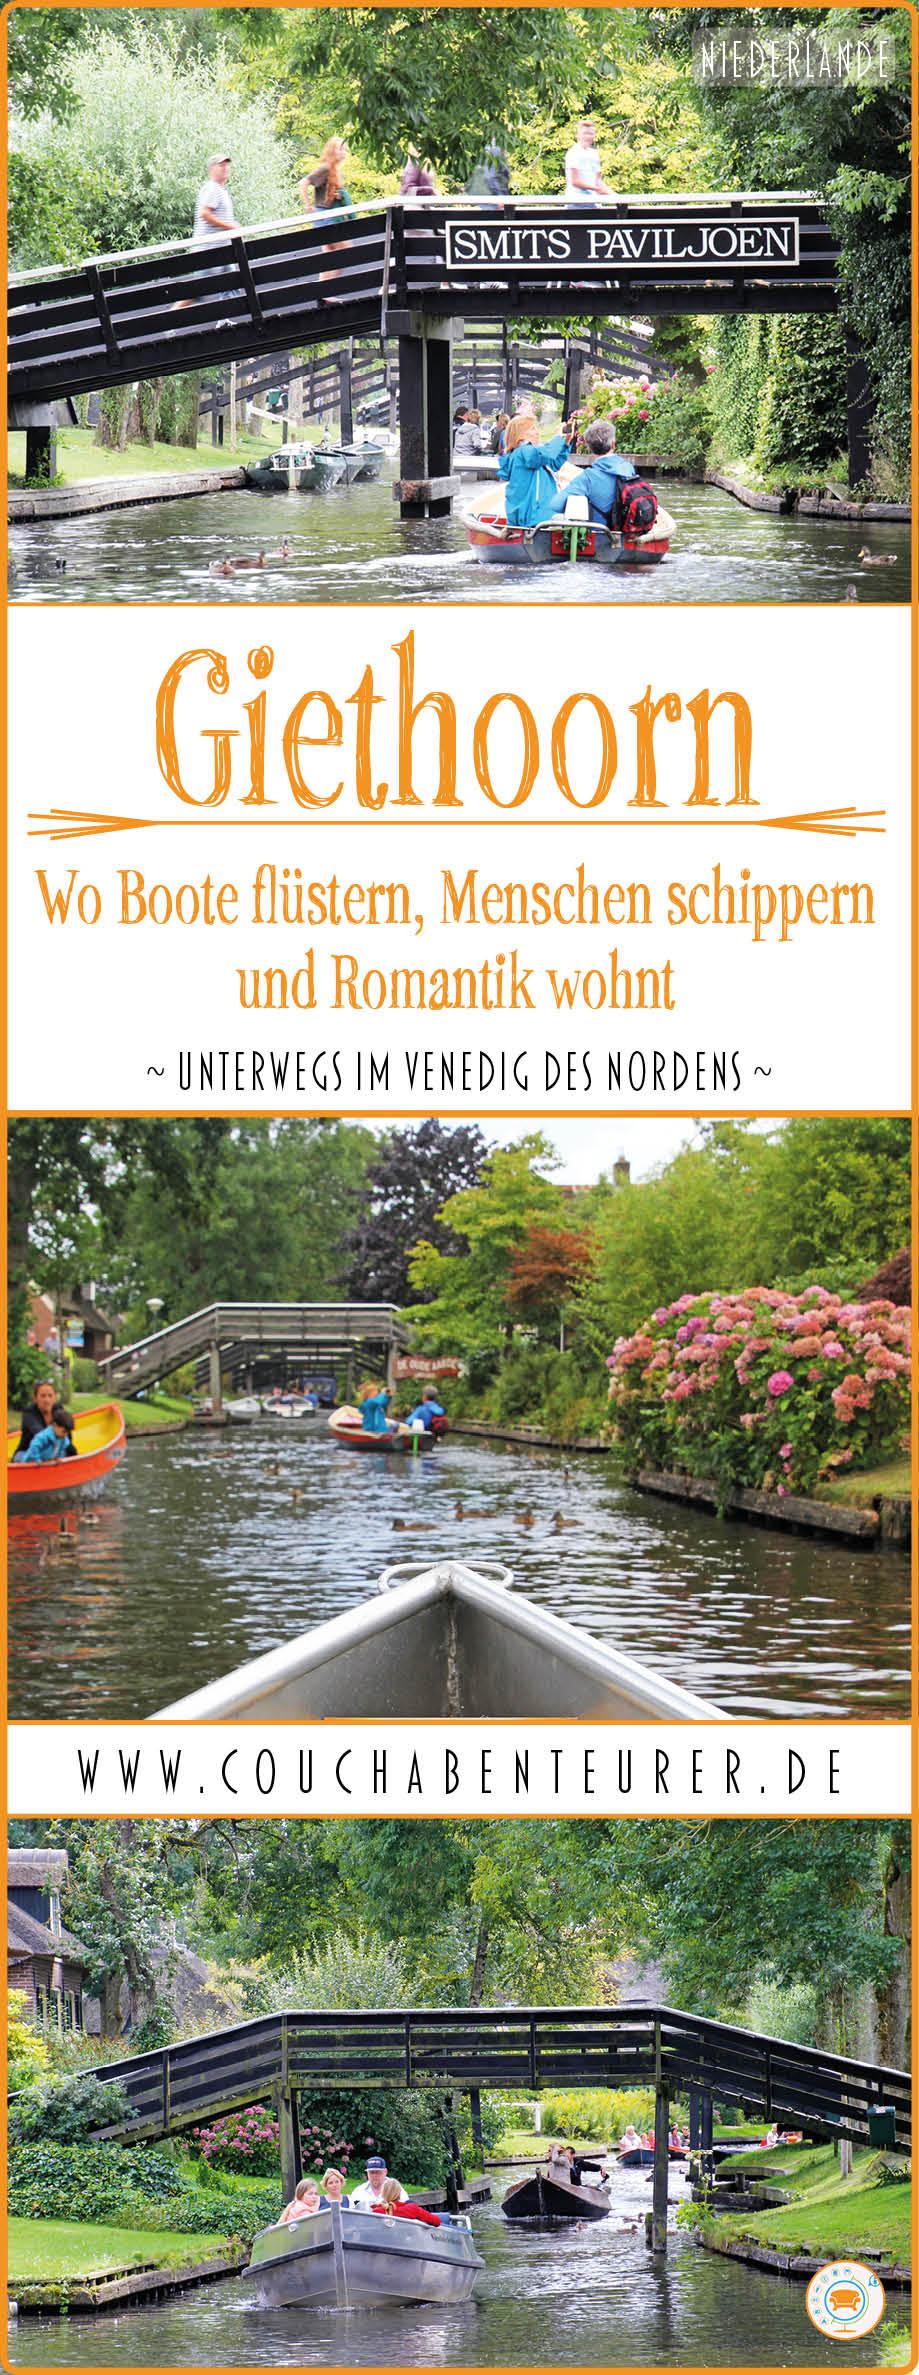 Giethoorn-Boote-fluestern-Menschen-schippern-Romantik-wohnt-Pin